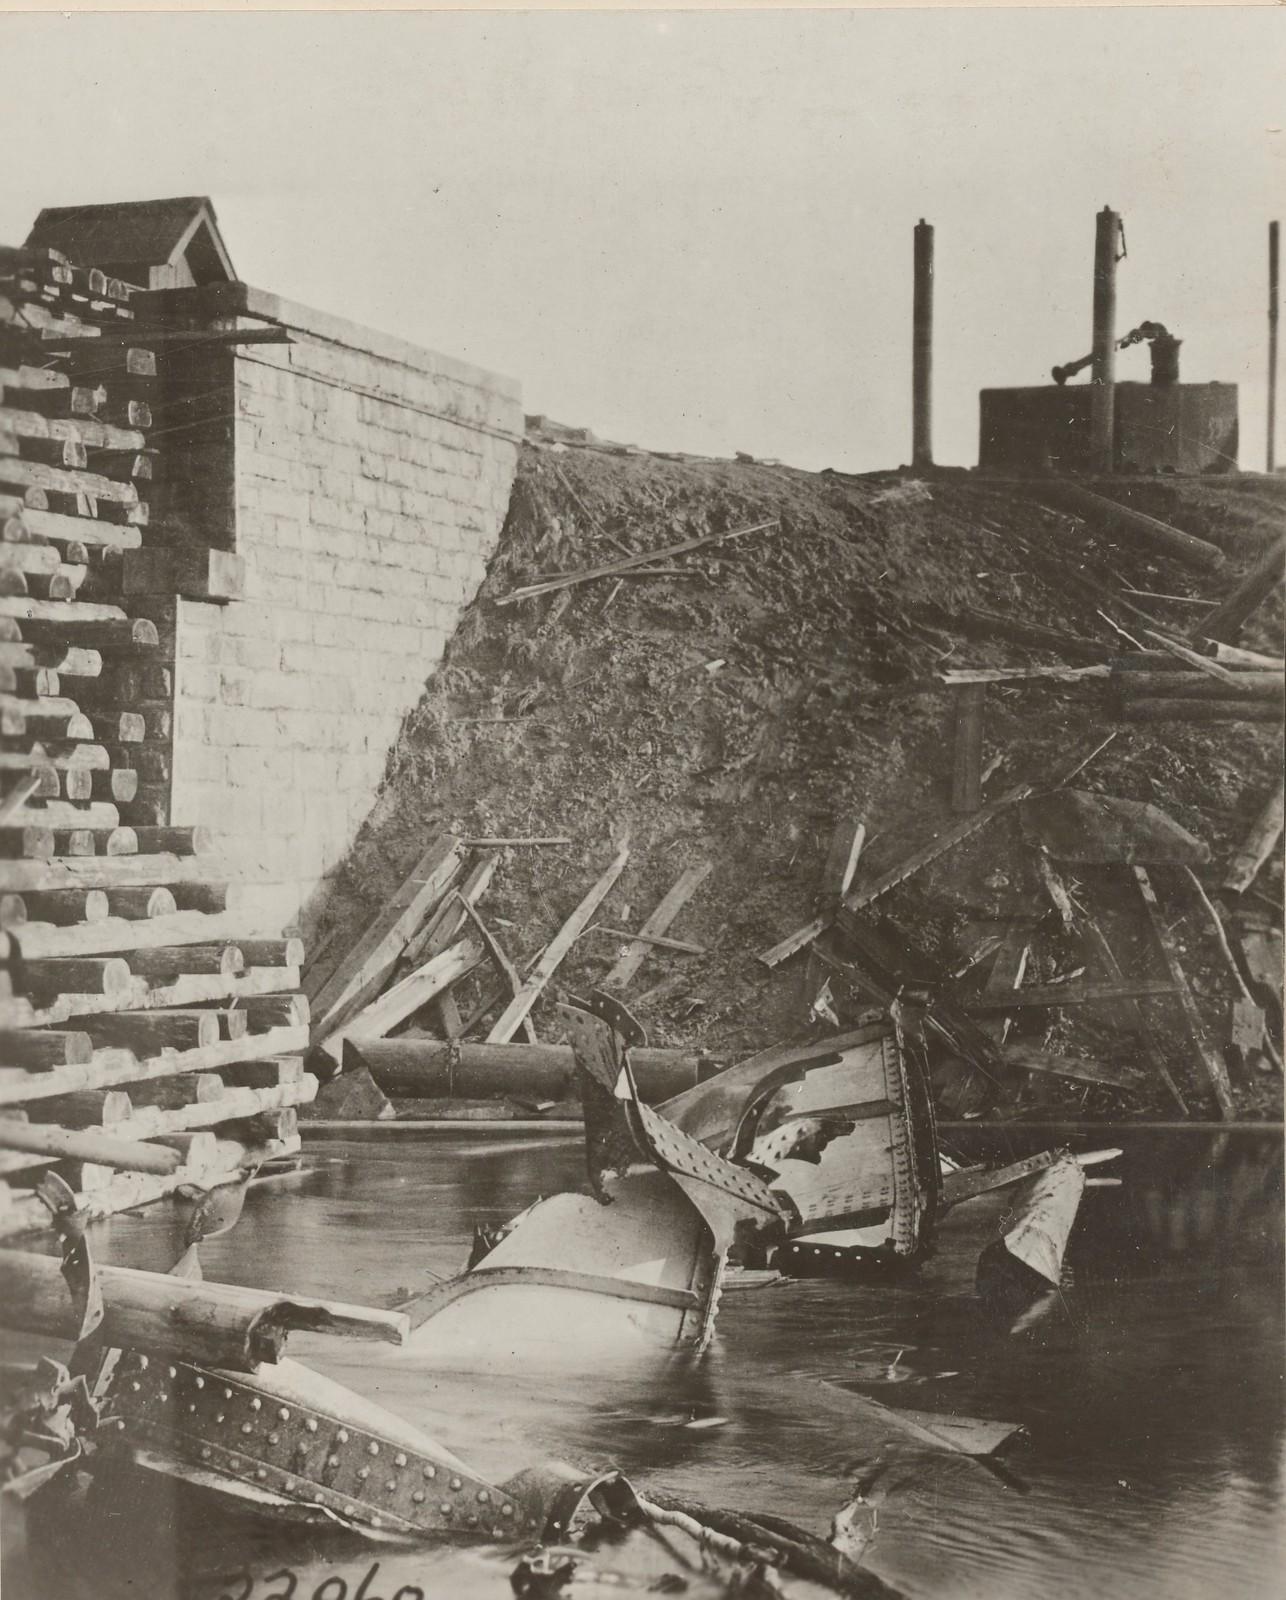 Обозерская. Разрушенный большевиками мост теперь охраняется силами американской армии